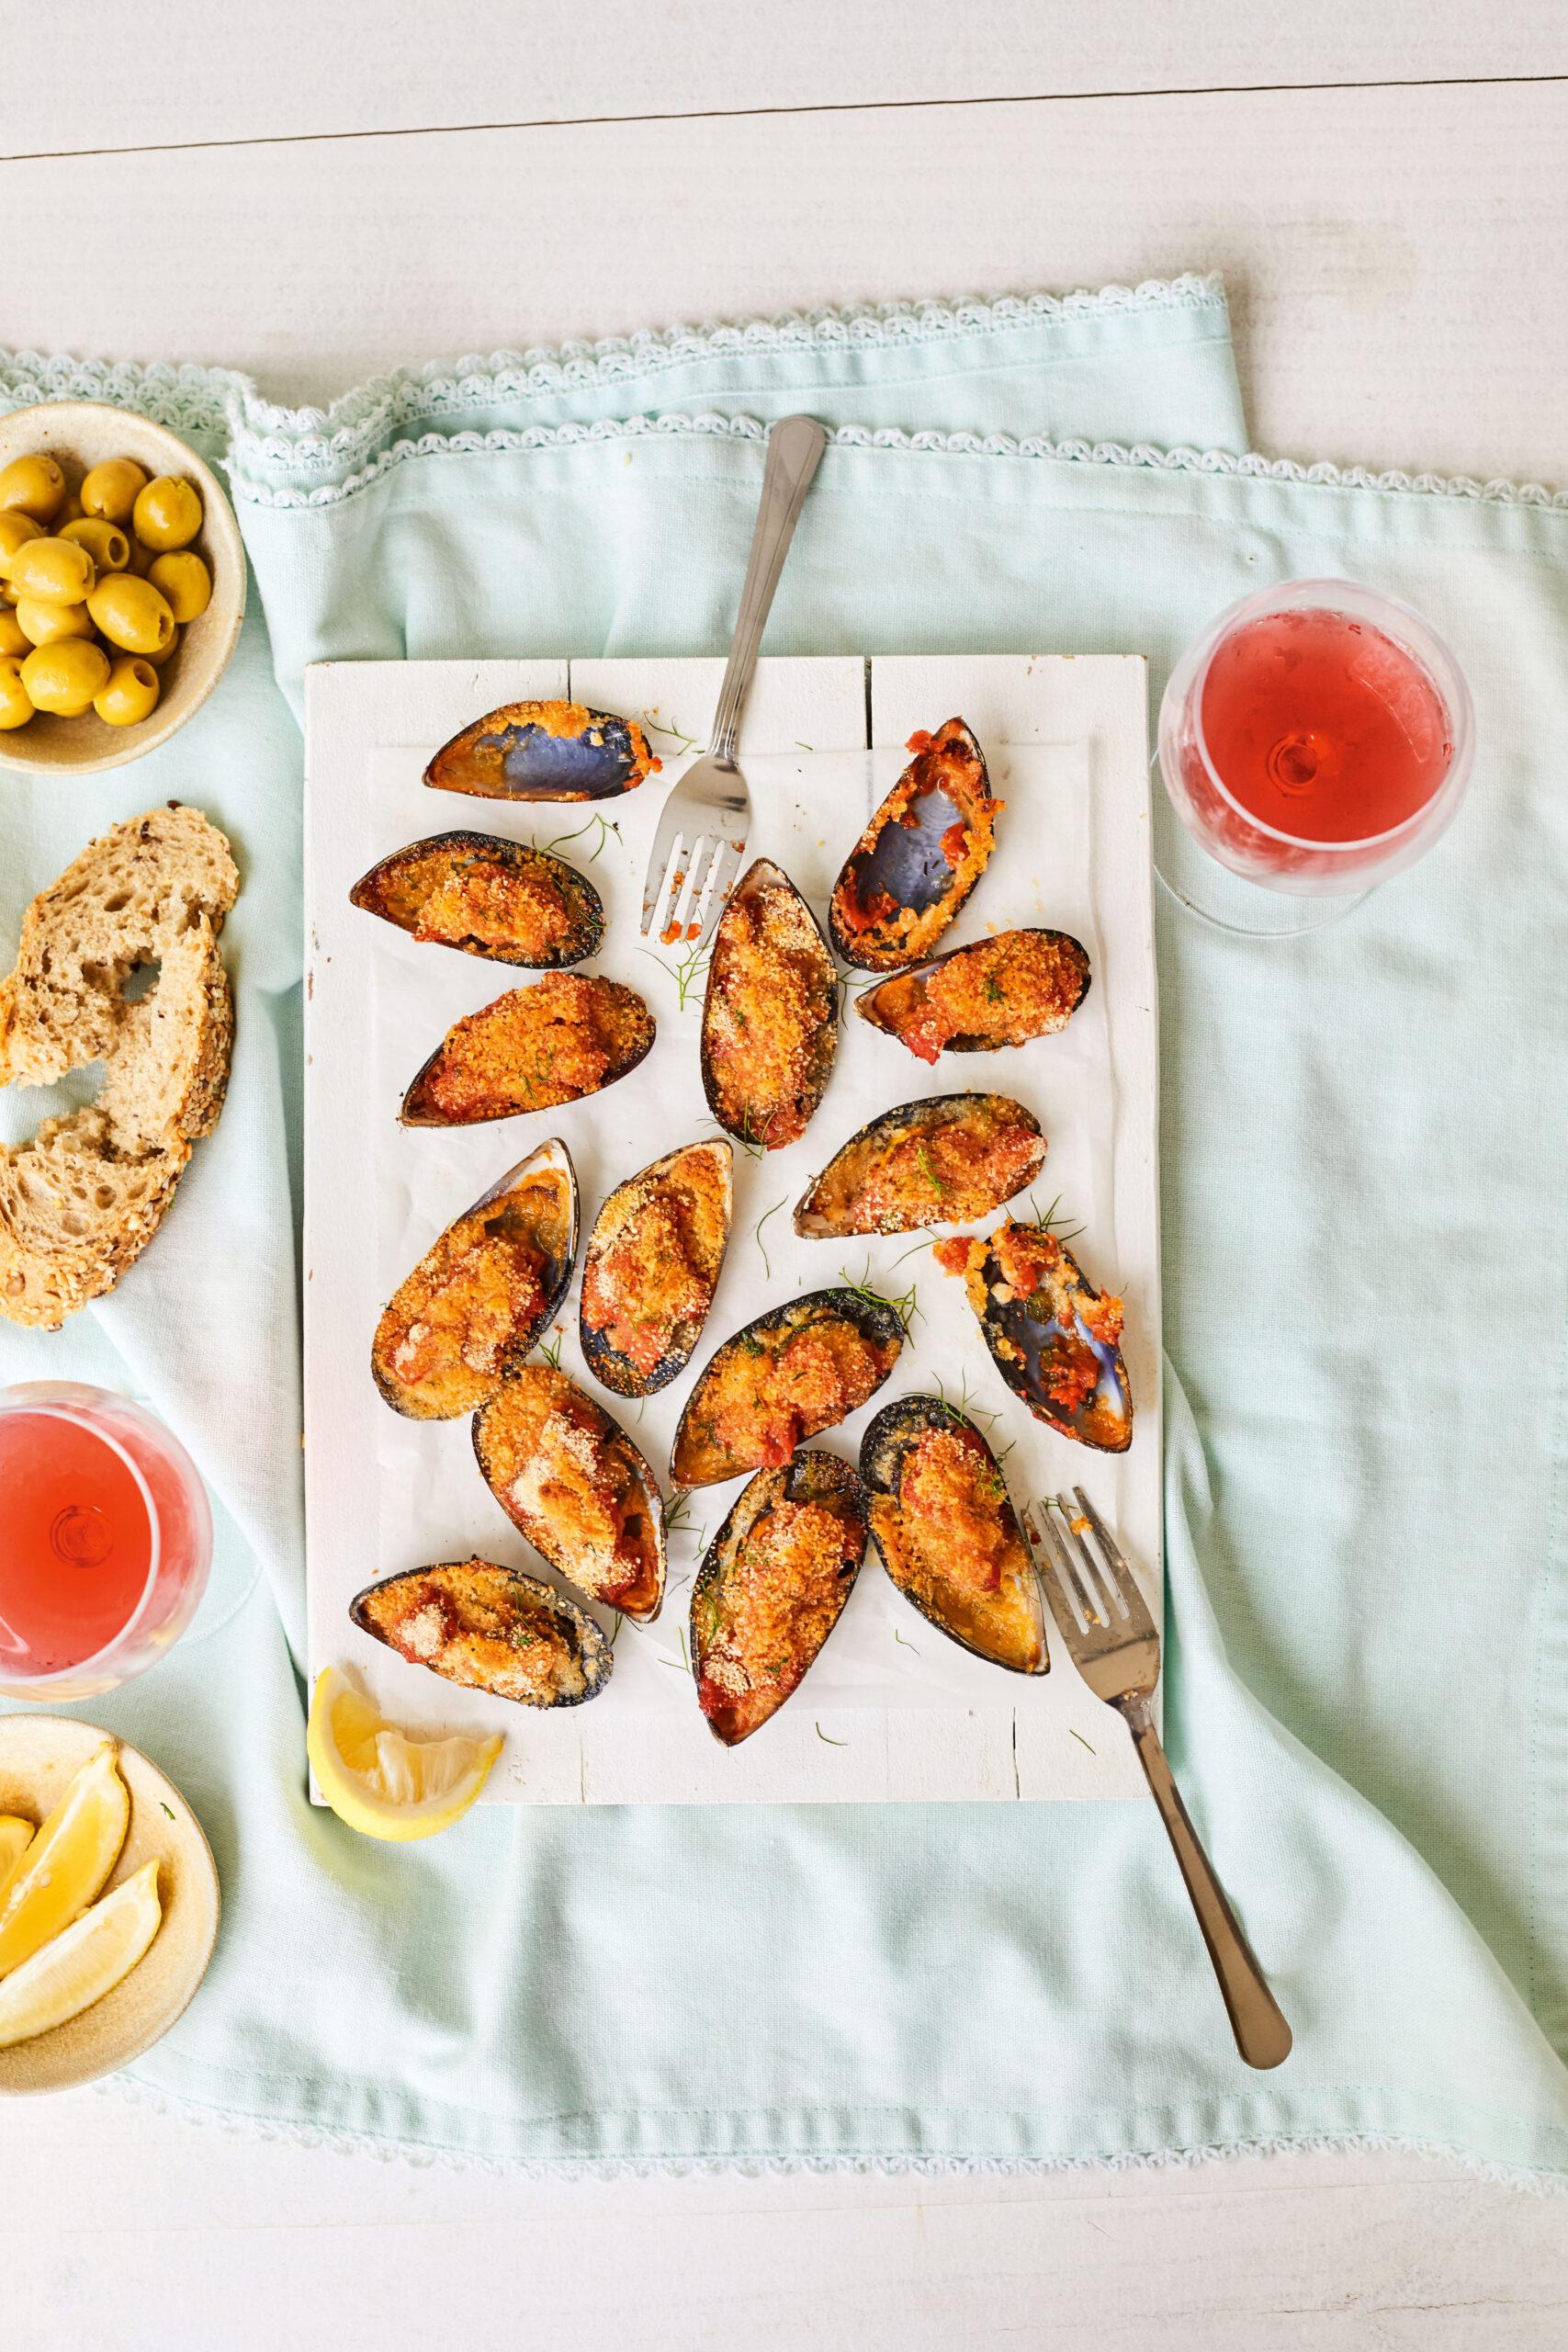 Gebackene Miesmuscheln mit Tomaten, Parmesan und Basilikum von Marc Fosh, Foto: © Nando Esteva